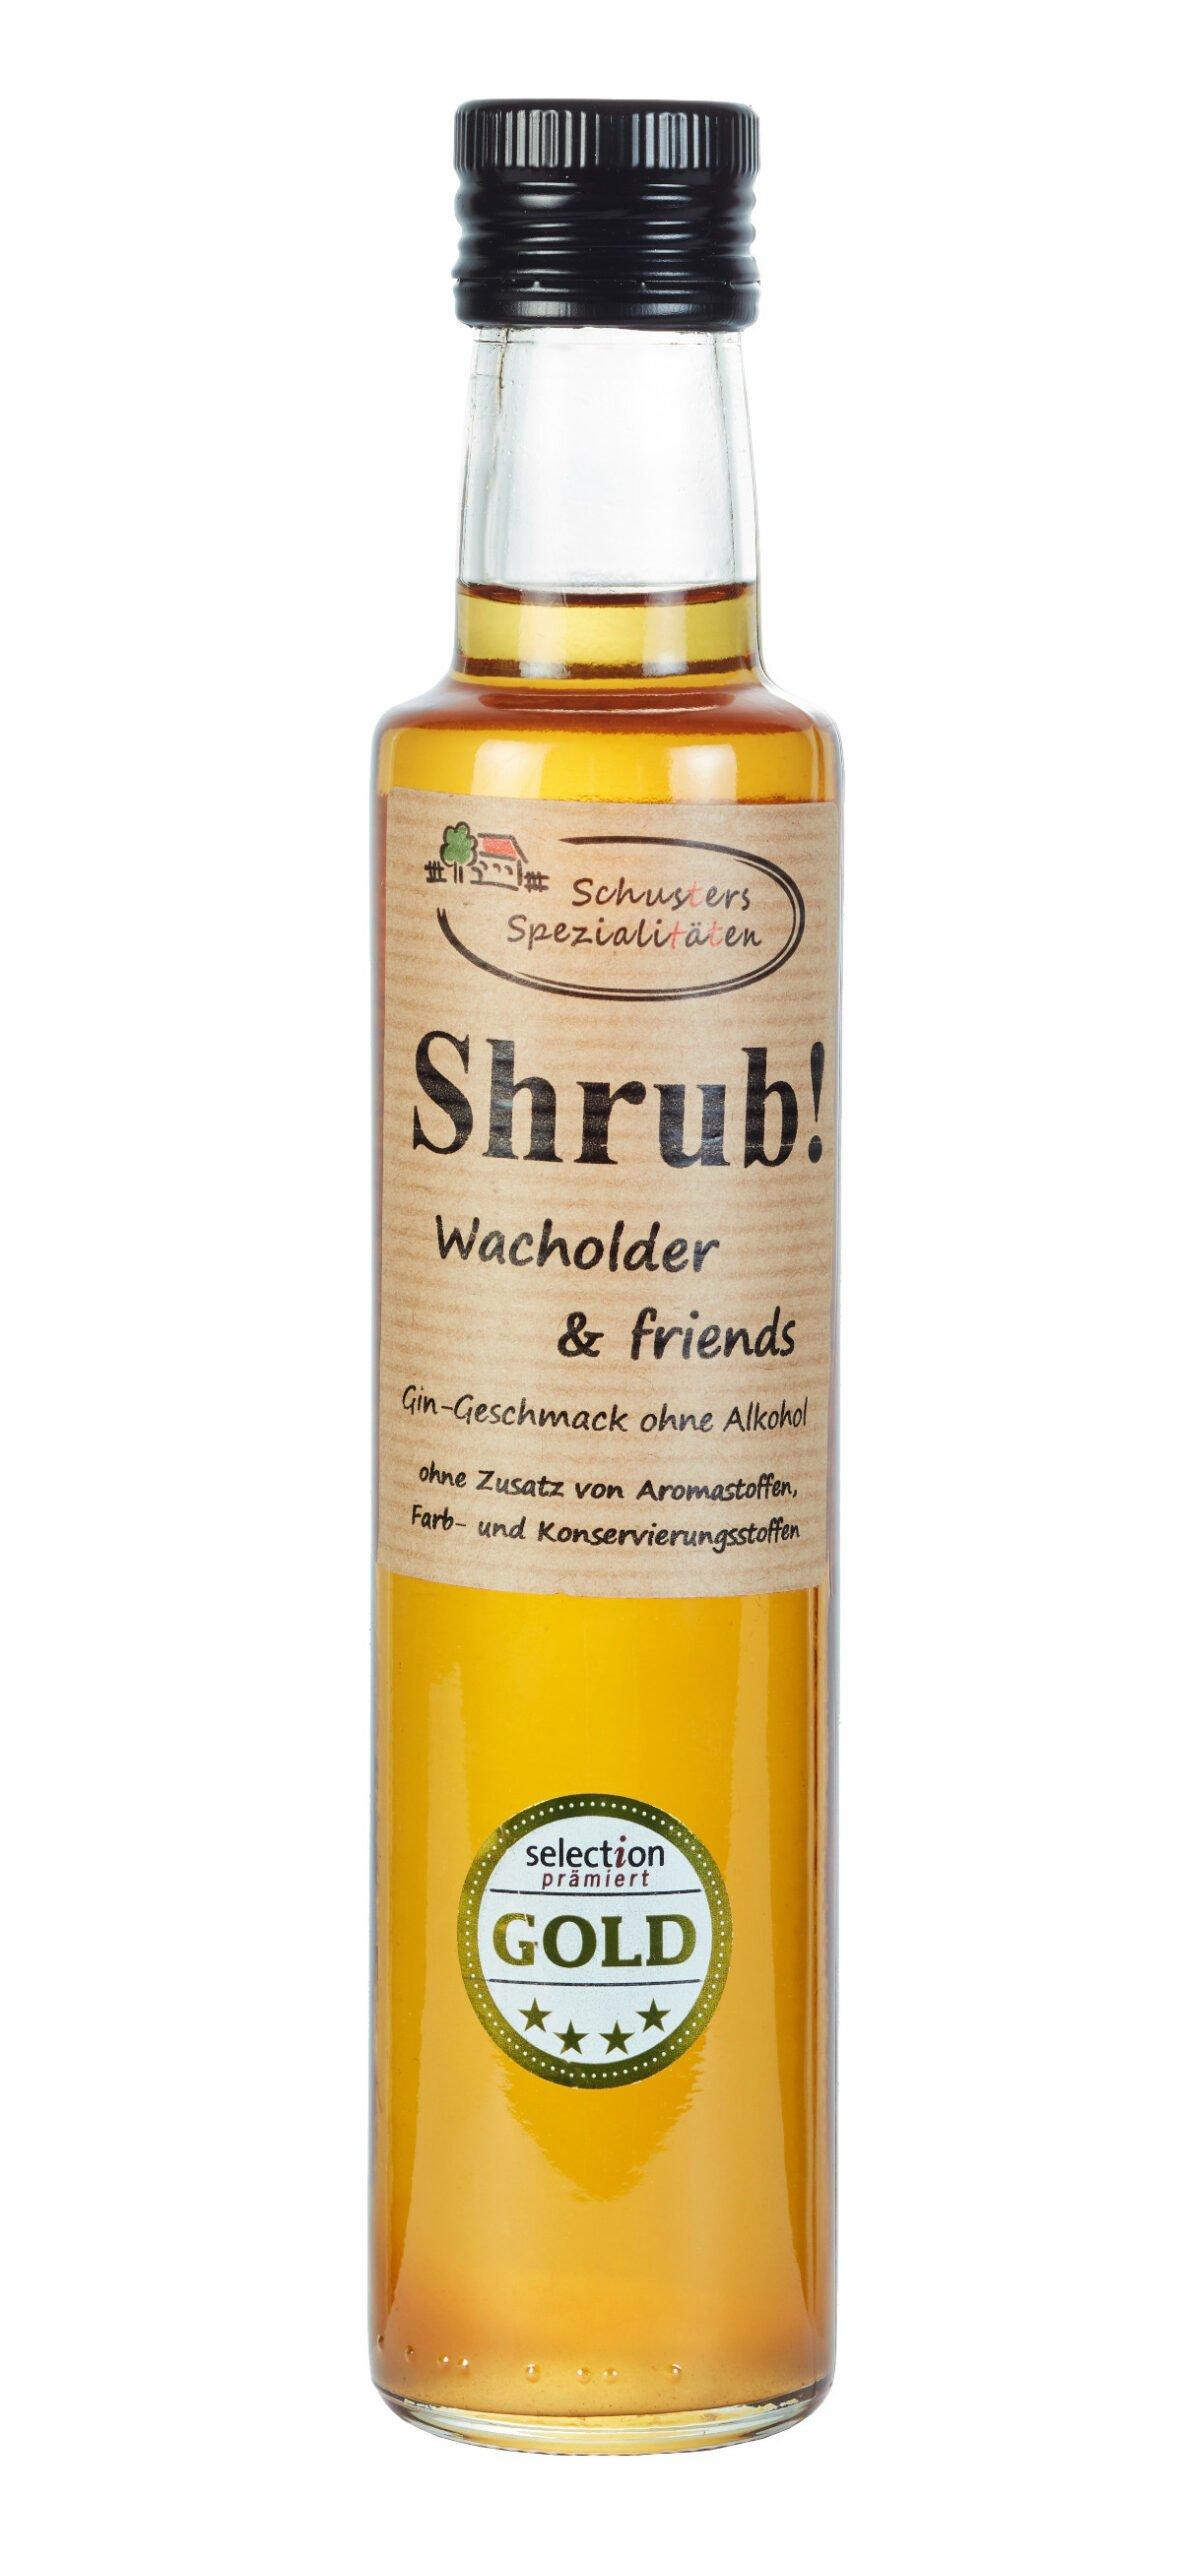 Shrub Wacholder & friends 250ml